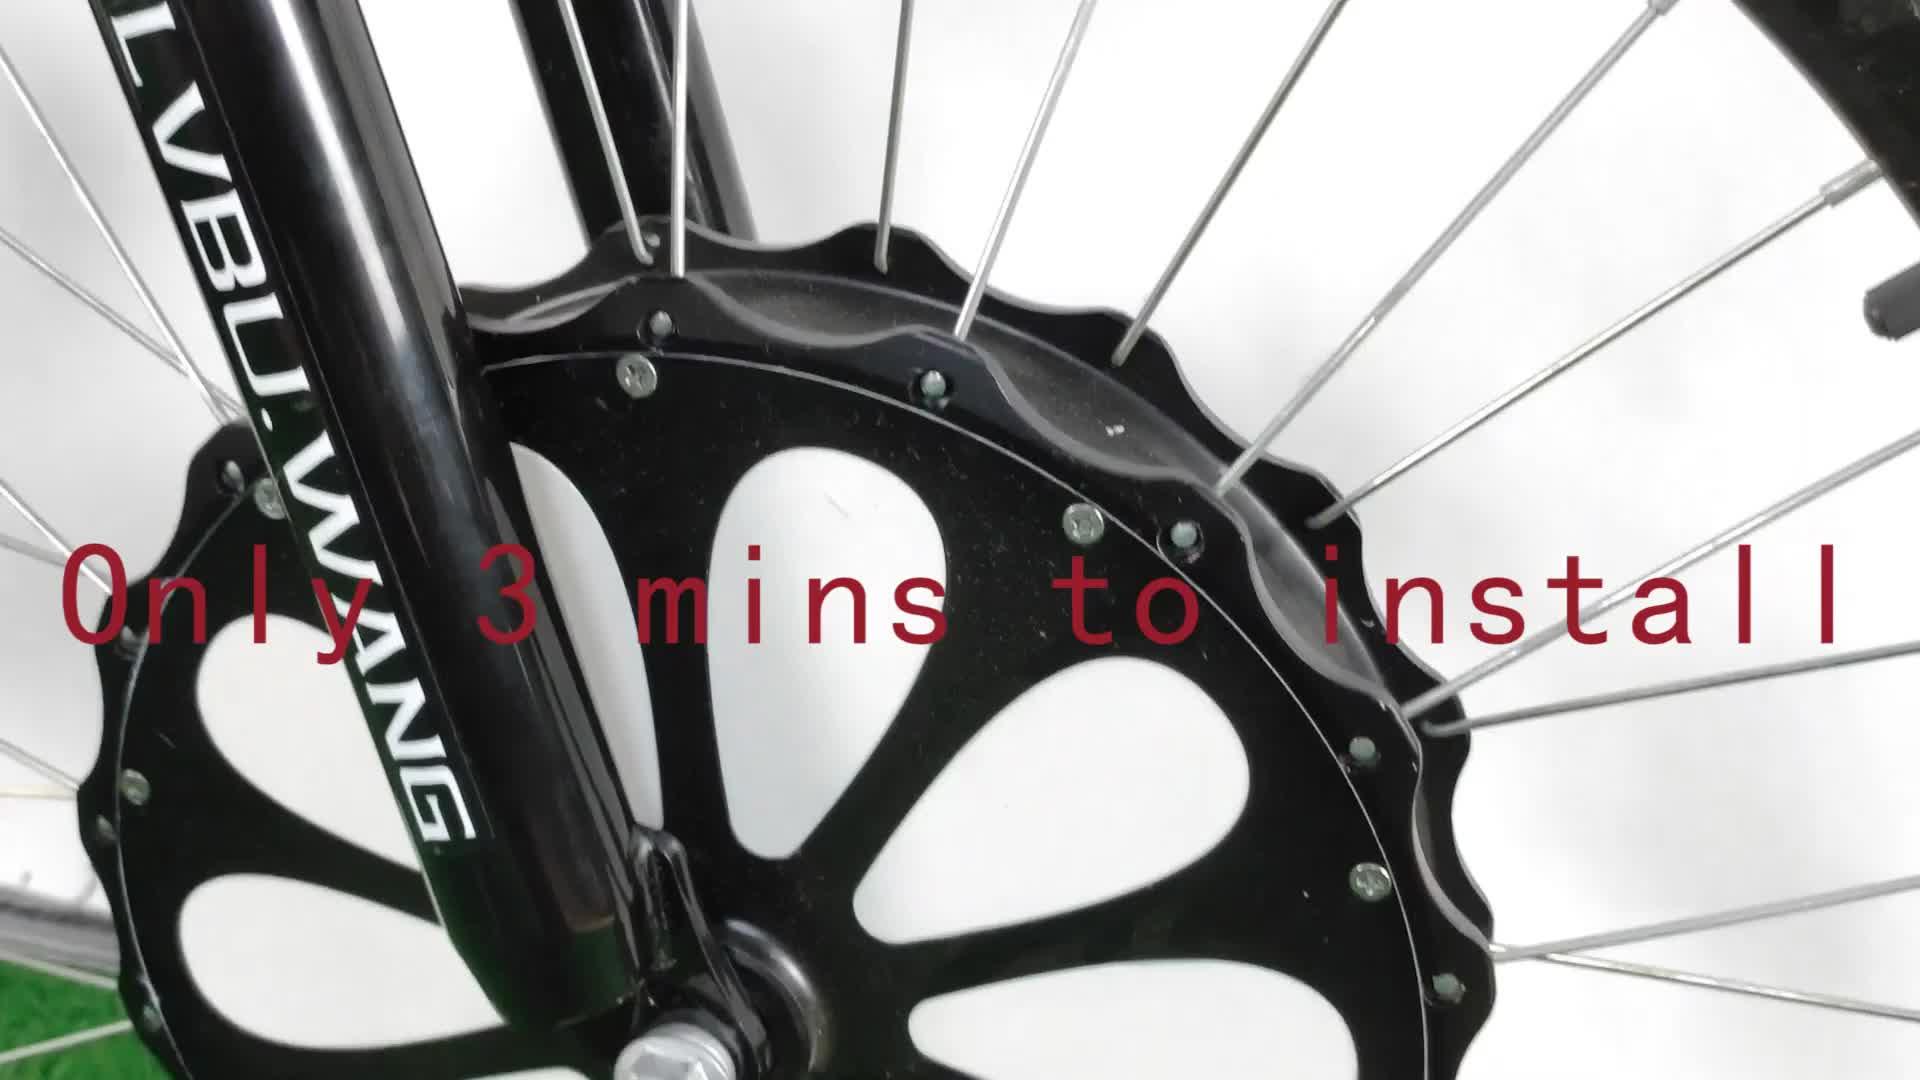 Tudo em uma roda bx30d 26in kit de conversão de bicicleta elétrica com bateria escondida motor de cubo dianteiro de bicicleta elétrica